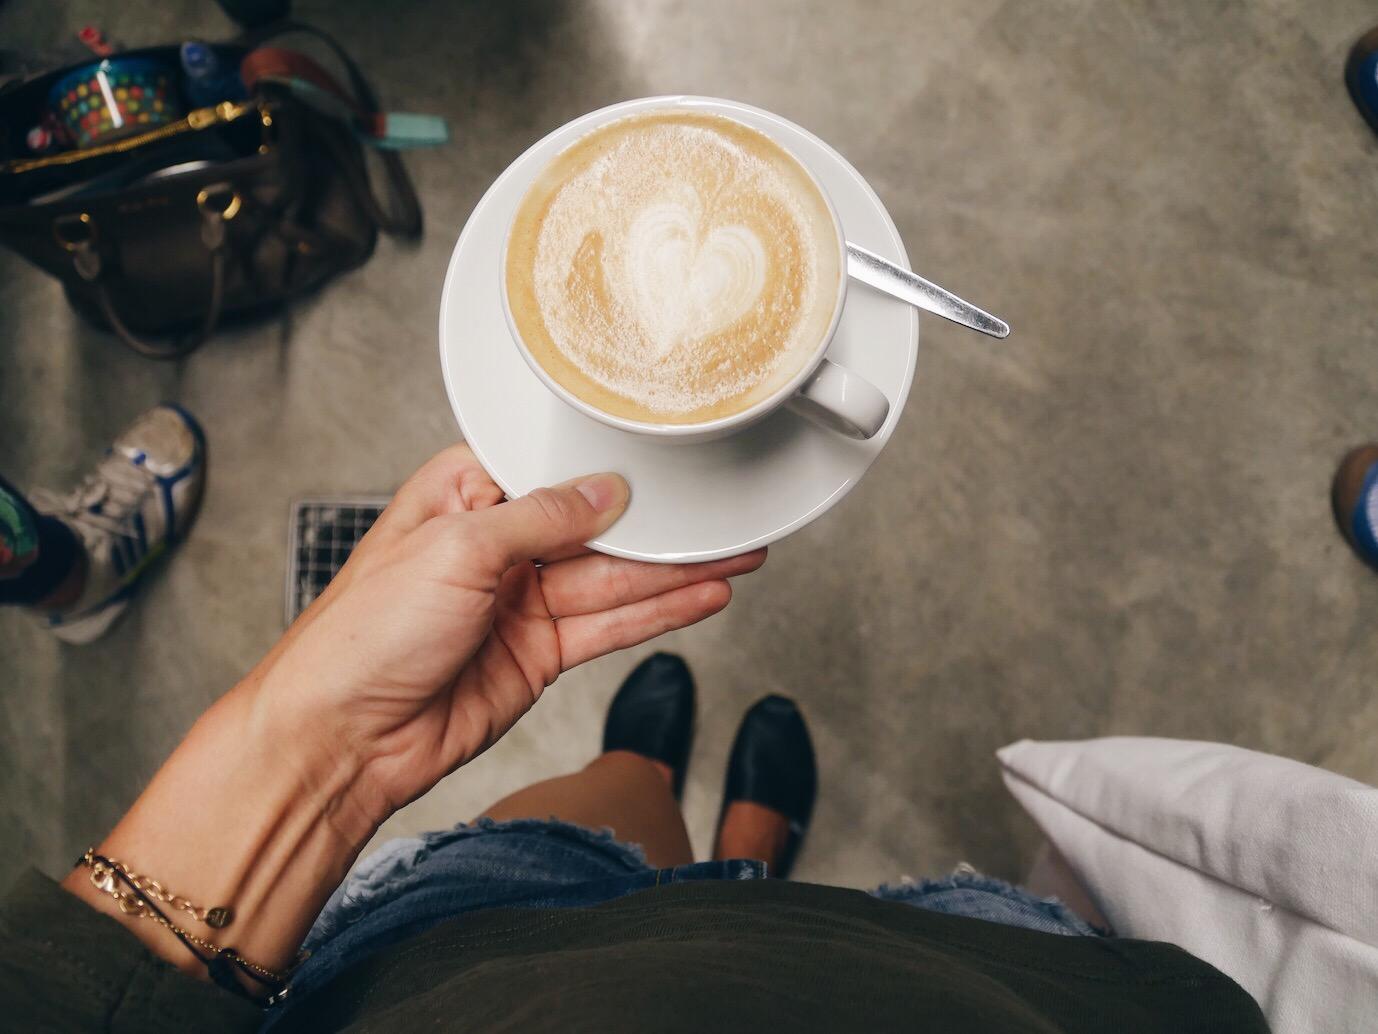 Törtchen Törtchen - Cappuccino mit Herz